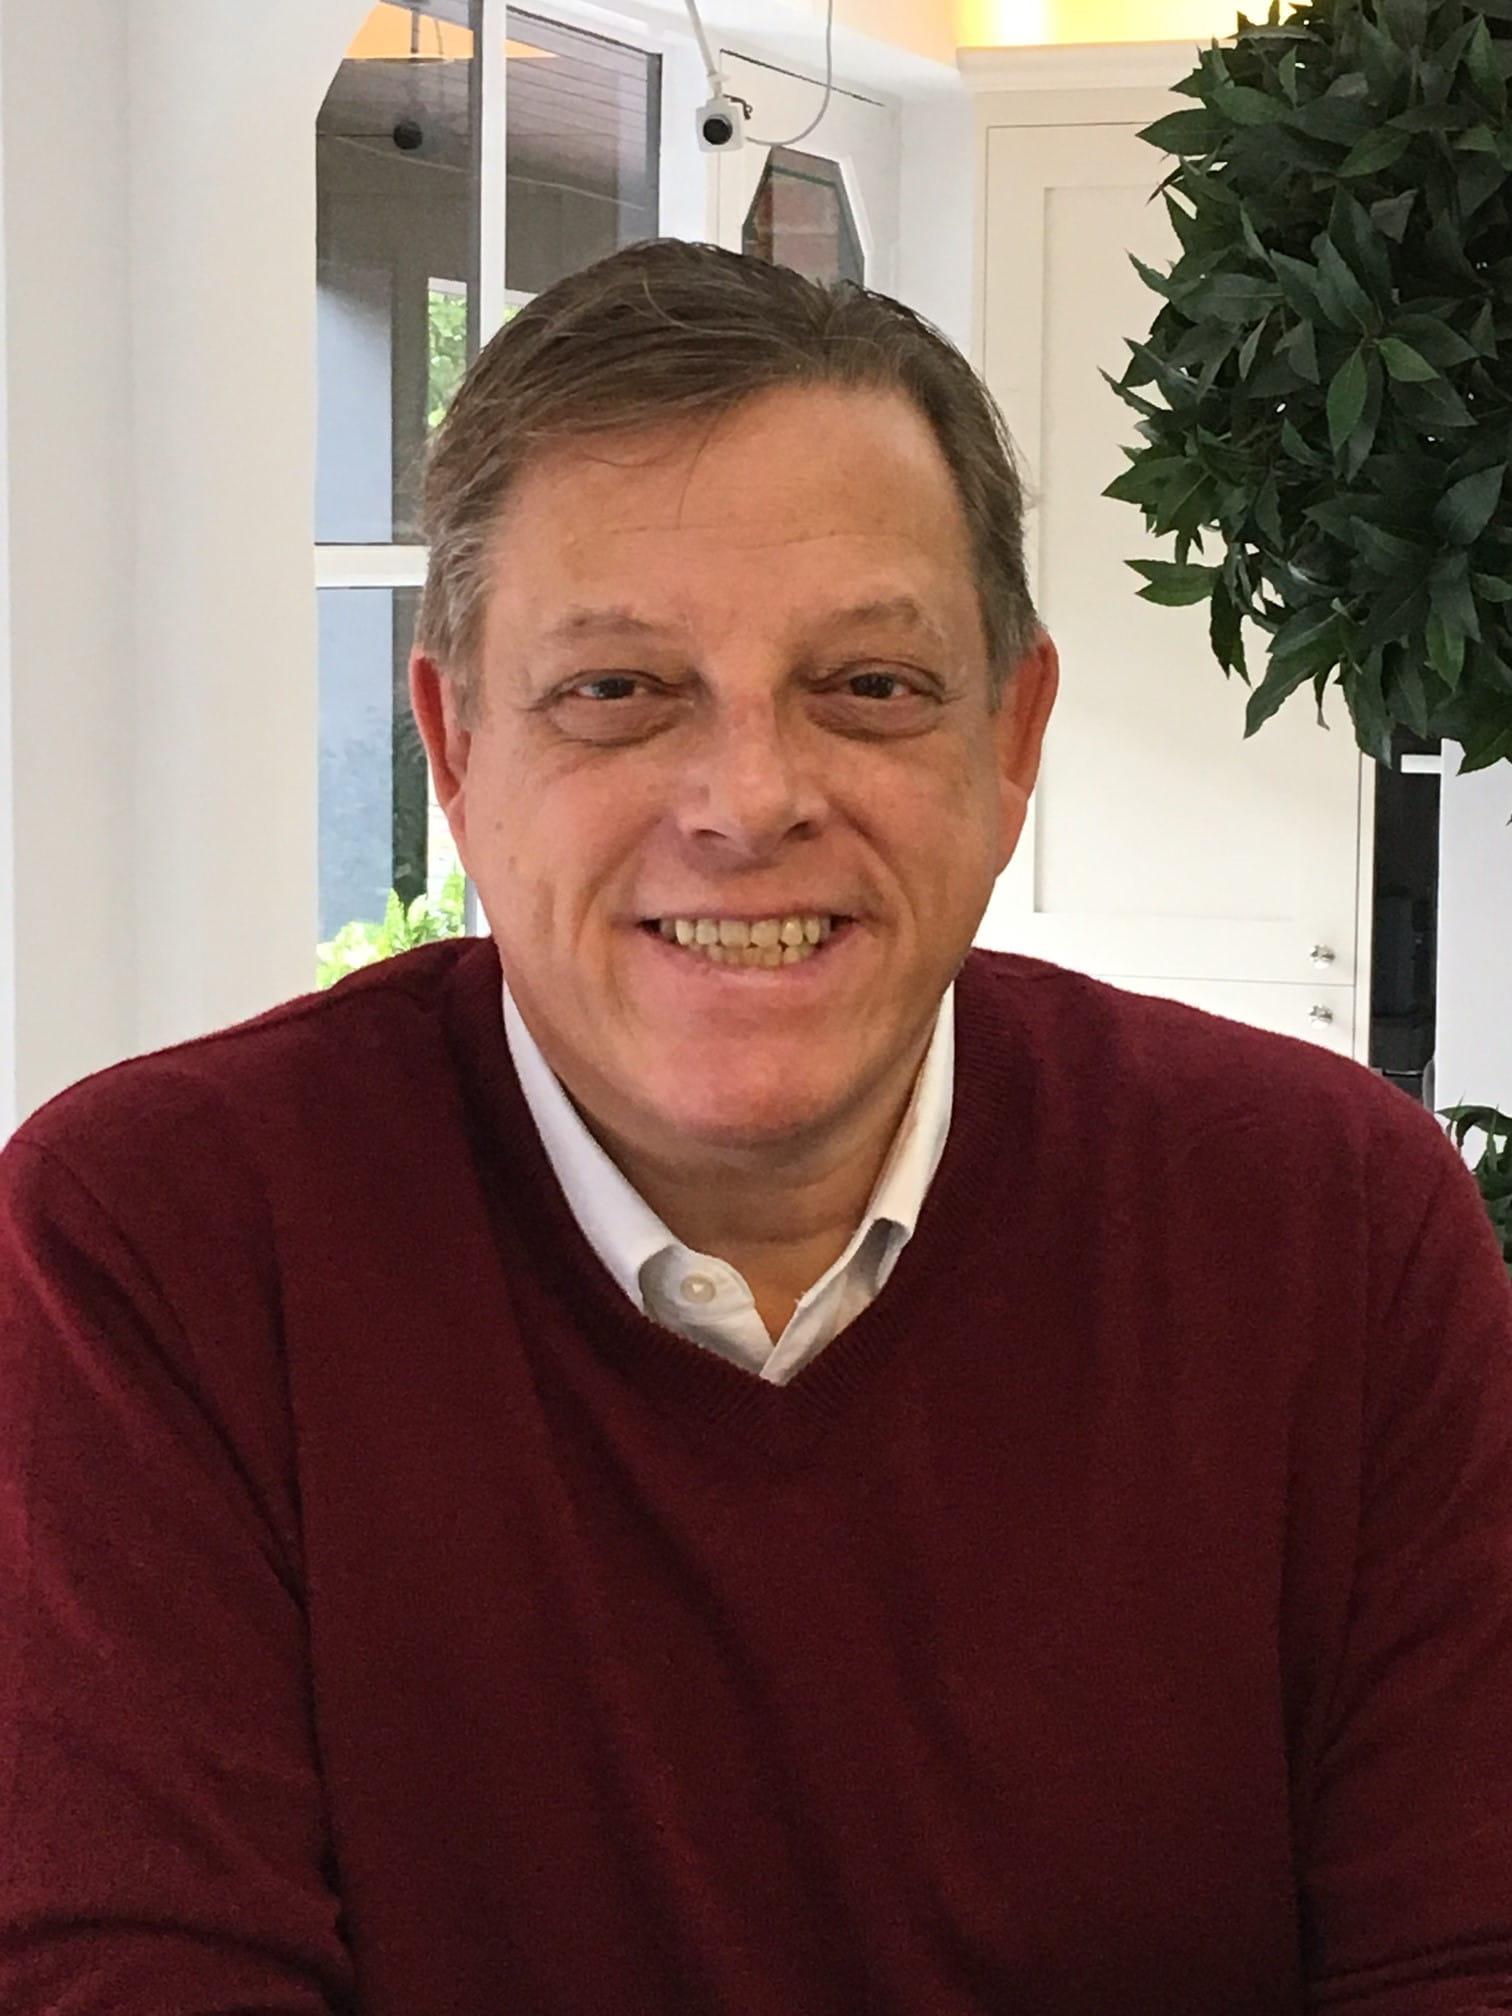 Larry Vince